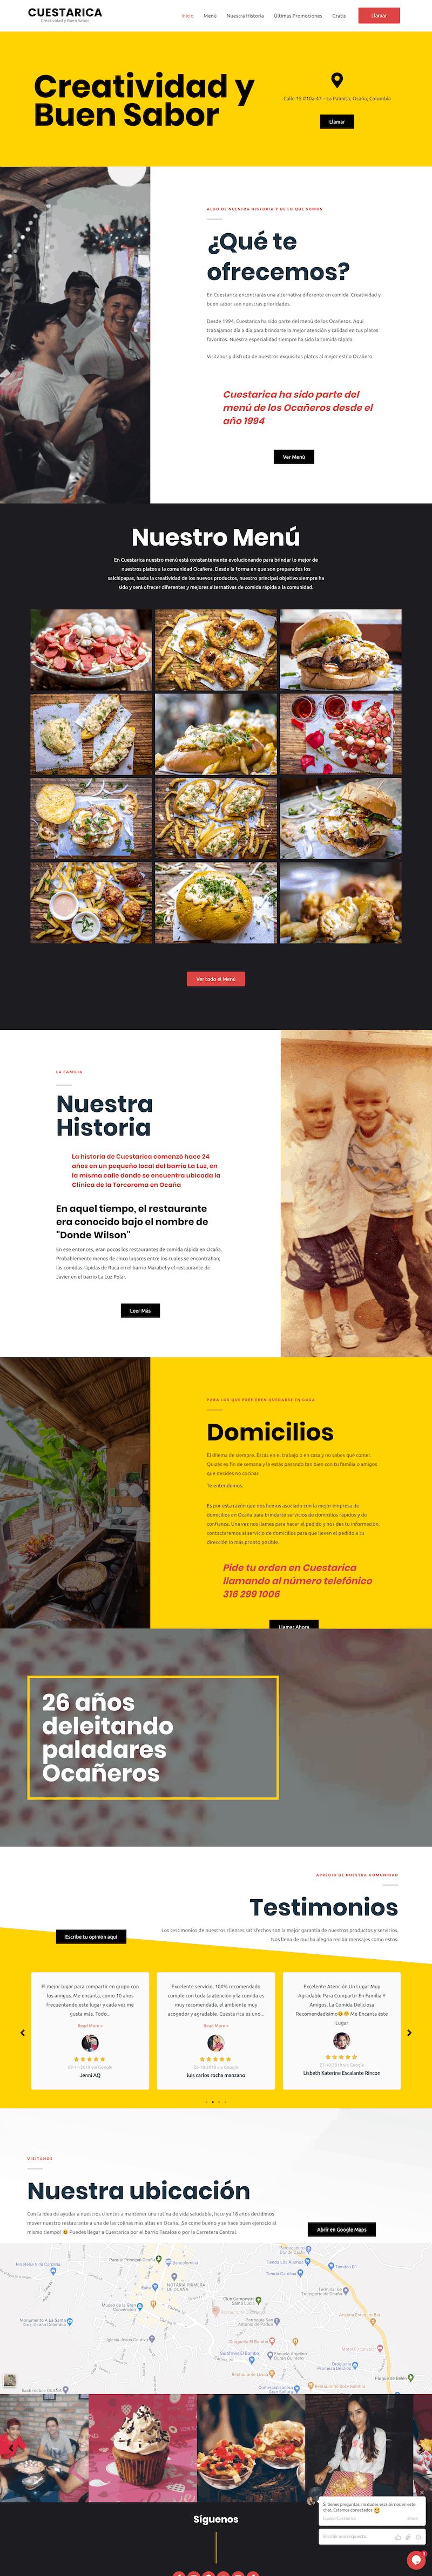 cuestarica new website restaurant web design development houston home page